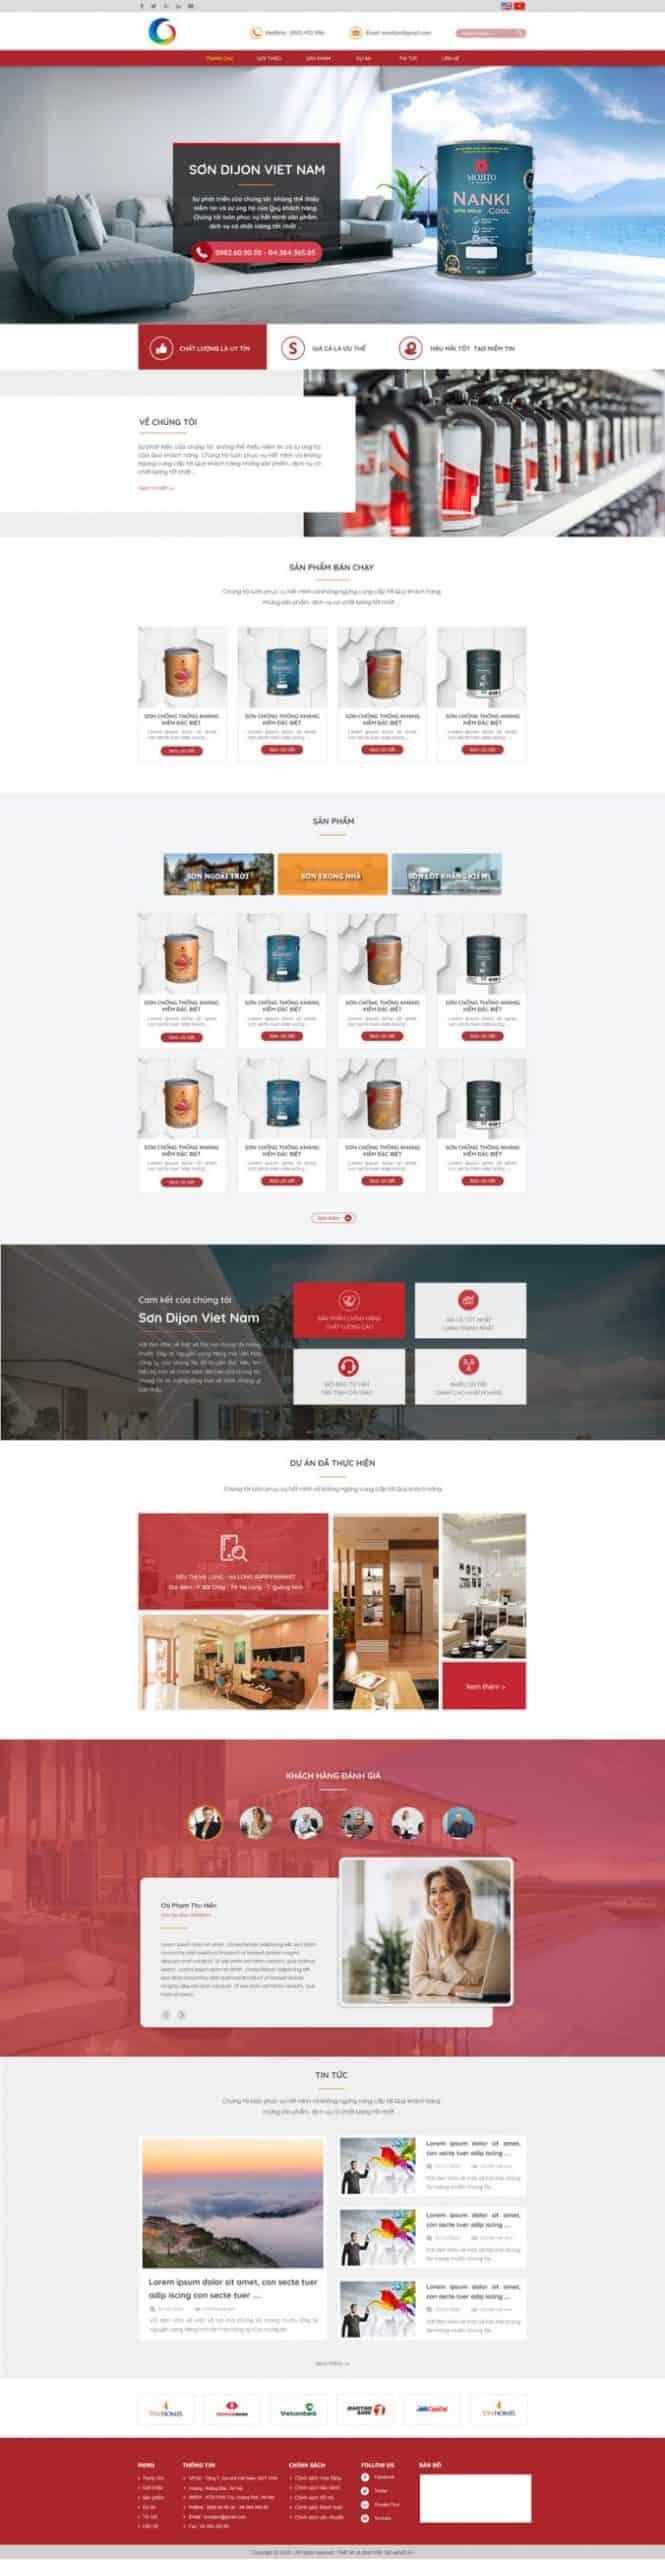 Thiết kế website Công ty sơn Dijon